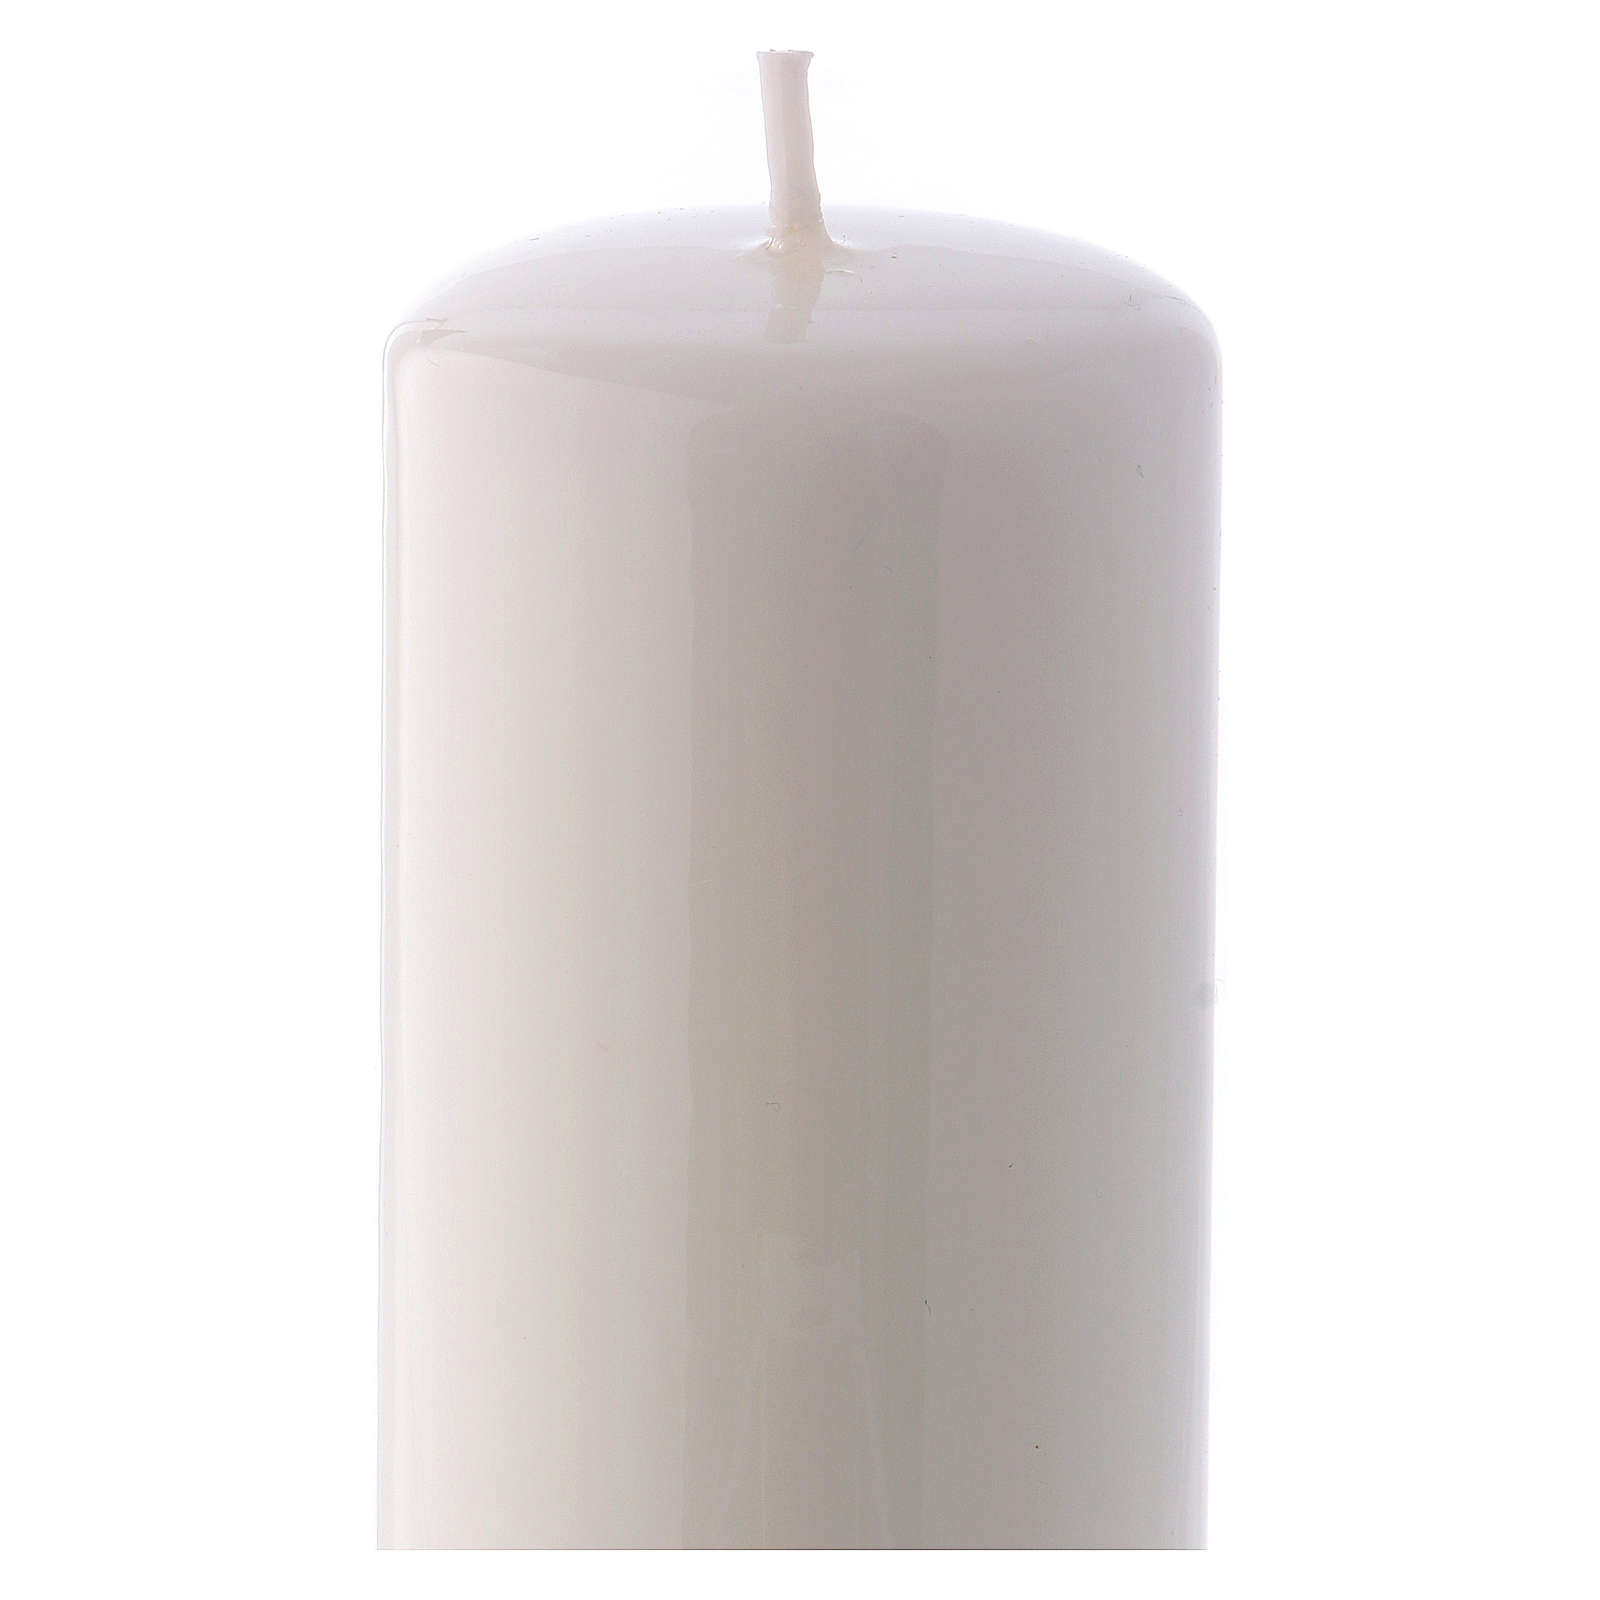 Bougie blanche Brillante Ceralacca 5x13 cm 3